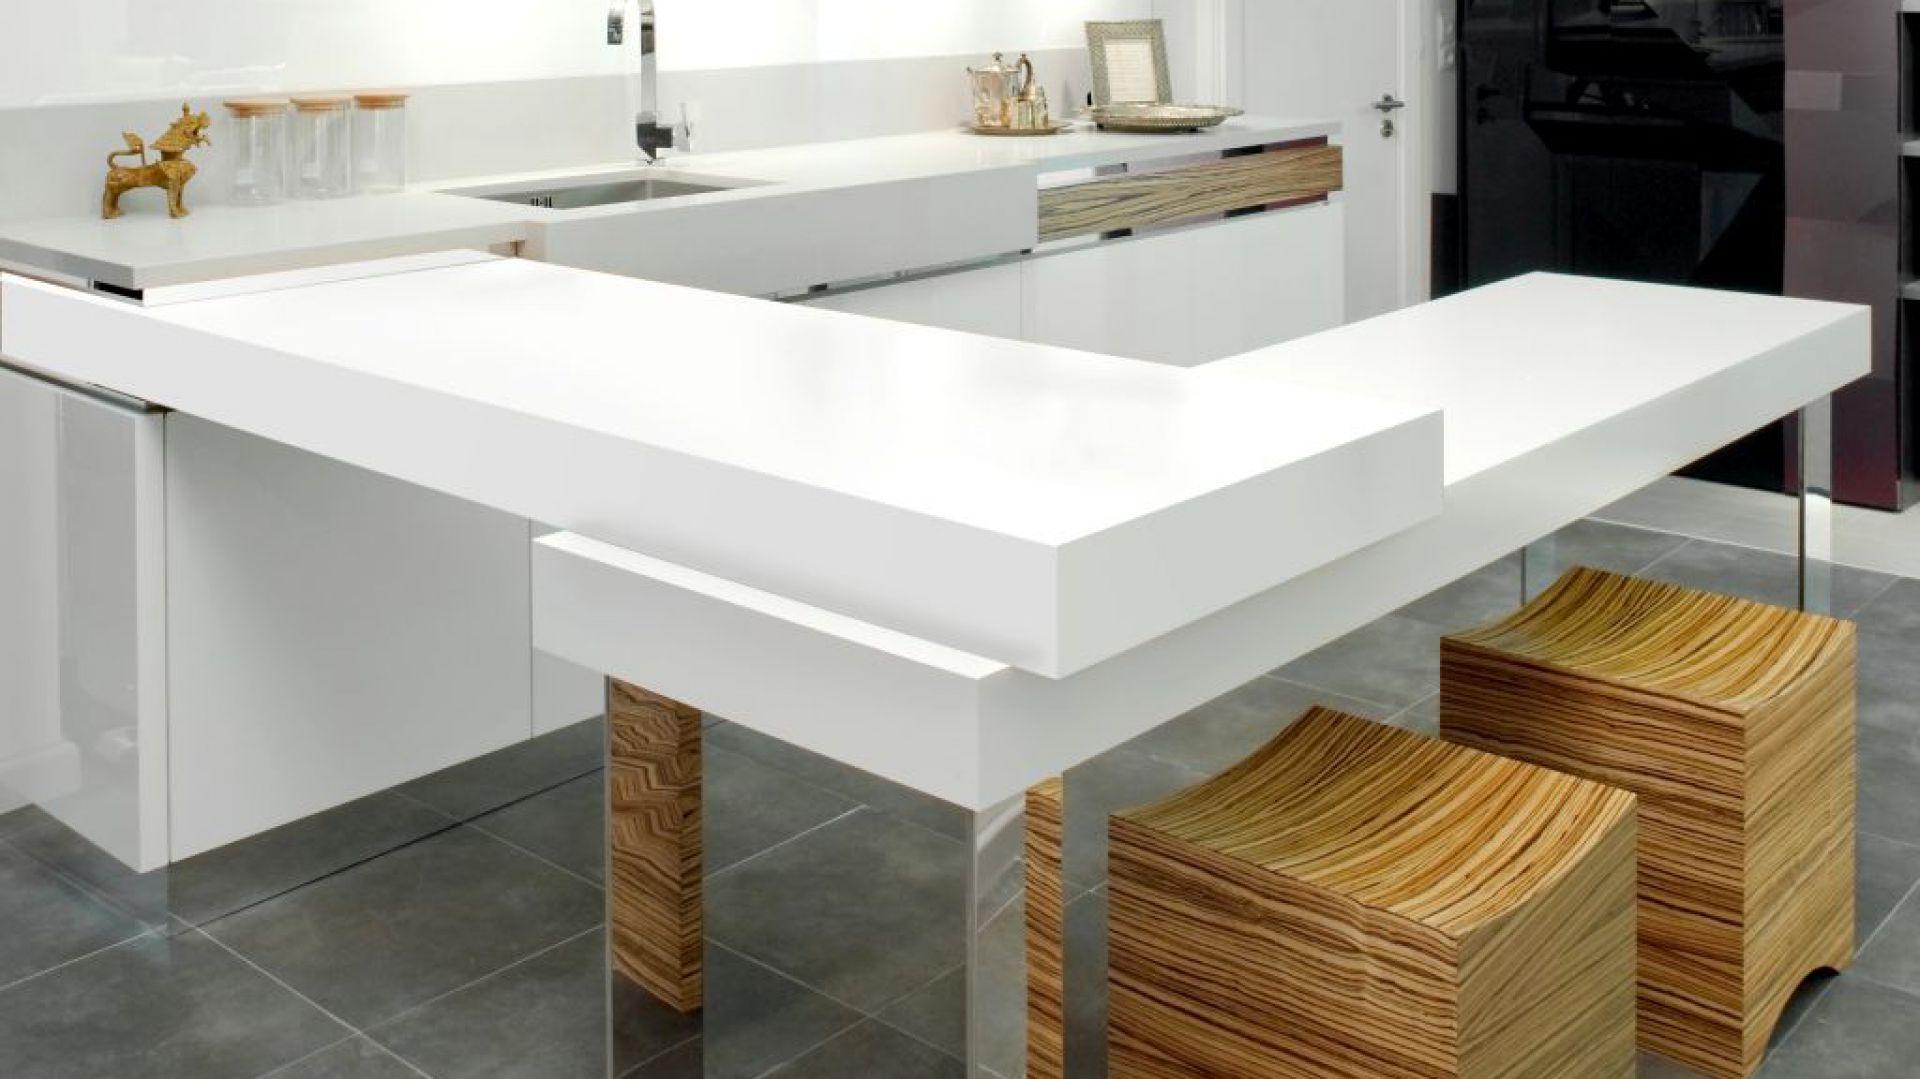 Piękne i funkcjonalne wnętrze wykończone płytą laminowaną Duropal SolidColor. Fot. Pfleiderer